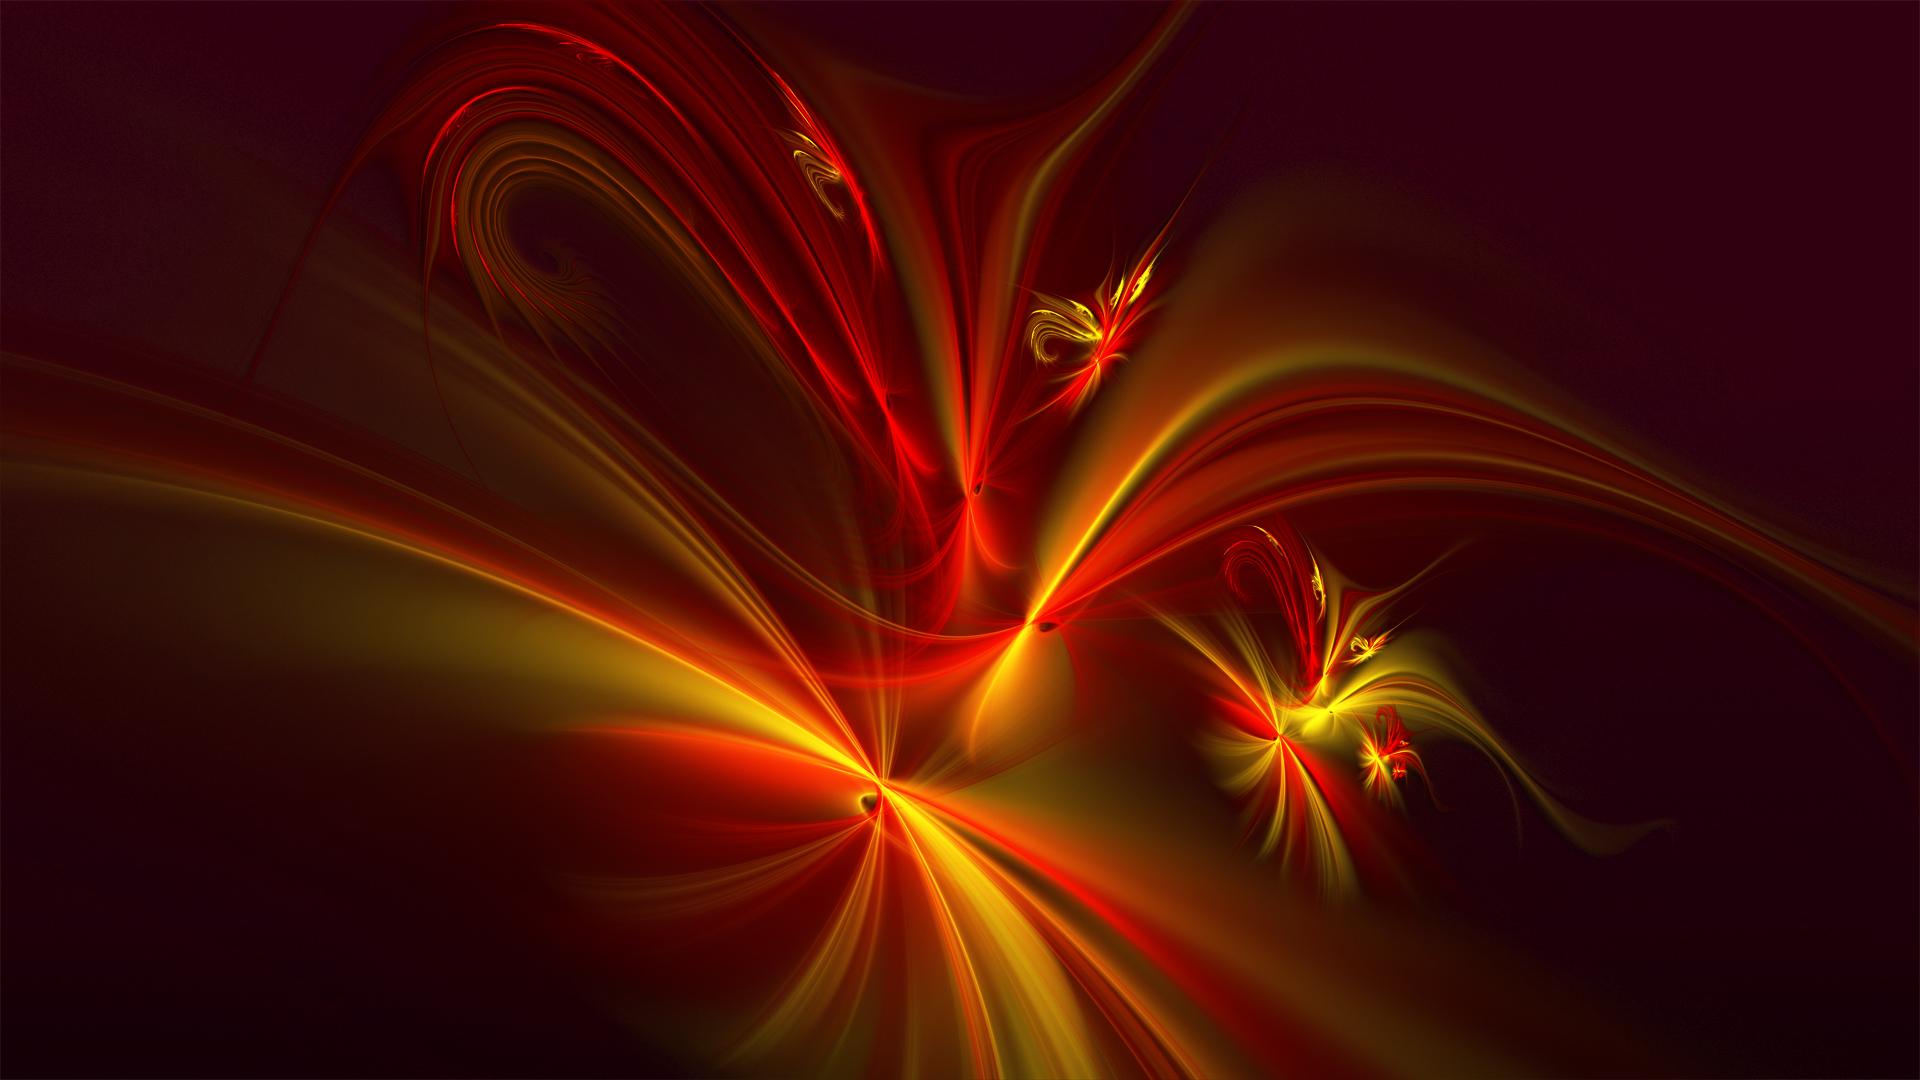 FireBird by Frankief